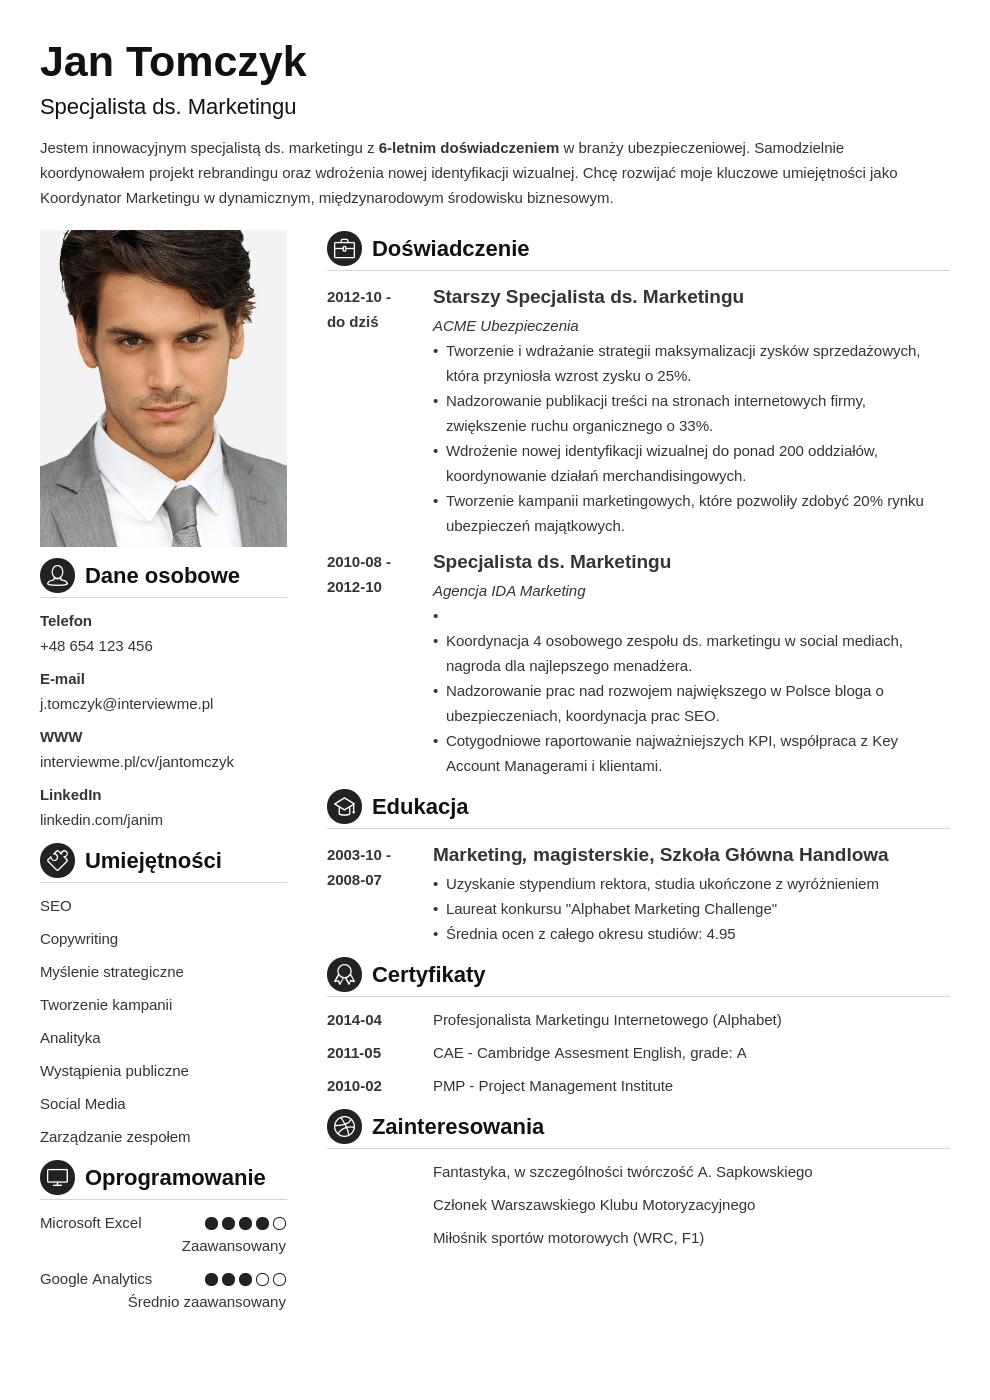 Kreator CV Stwórz i pobierz profesjonalne CV w 5 minut